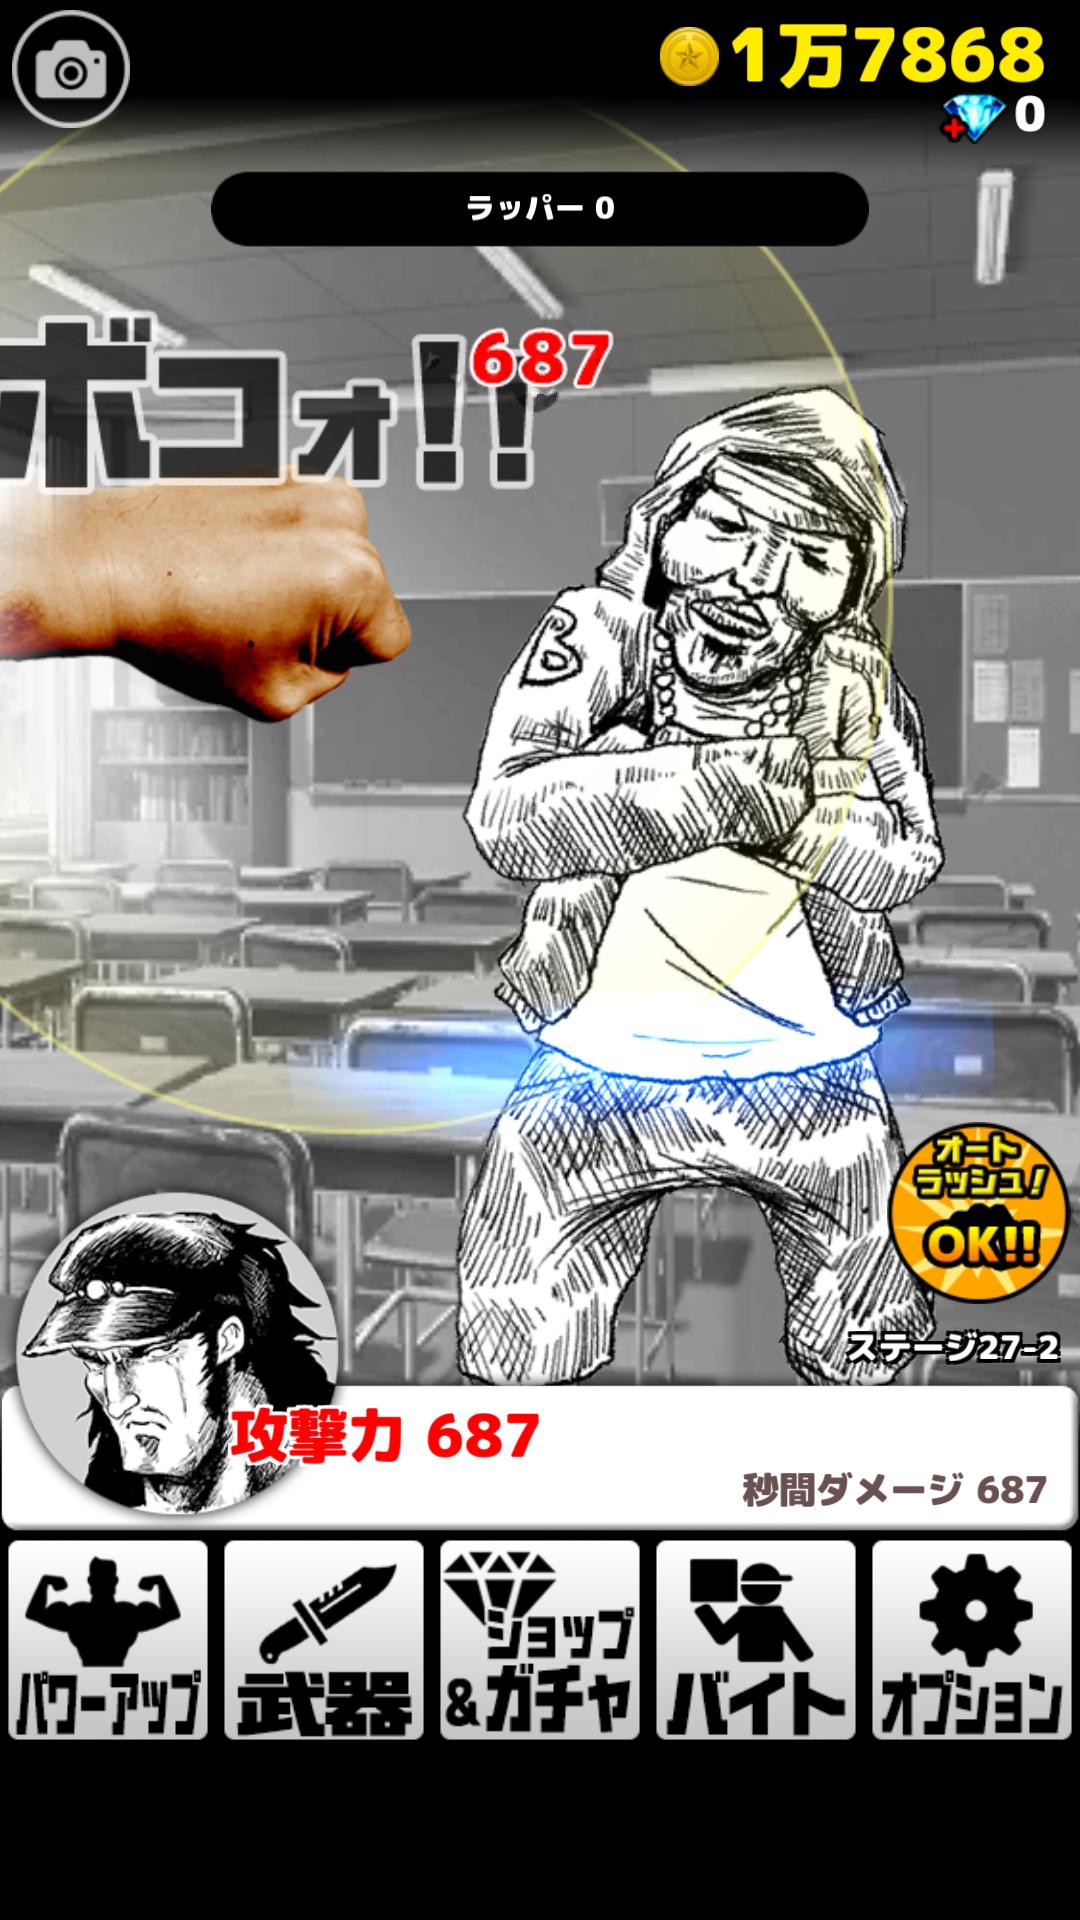 androidアプリ ゲス野郎と拳攻略スクリーンショット4